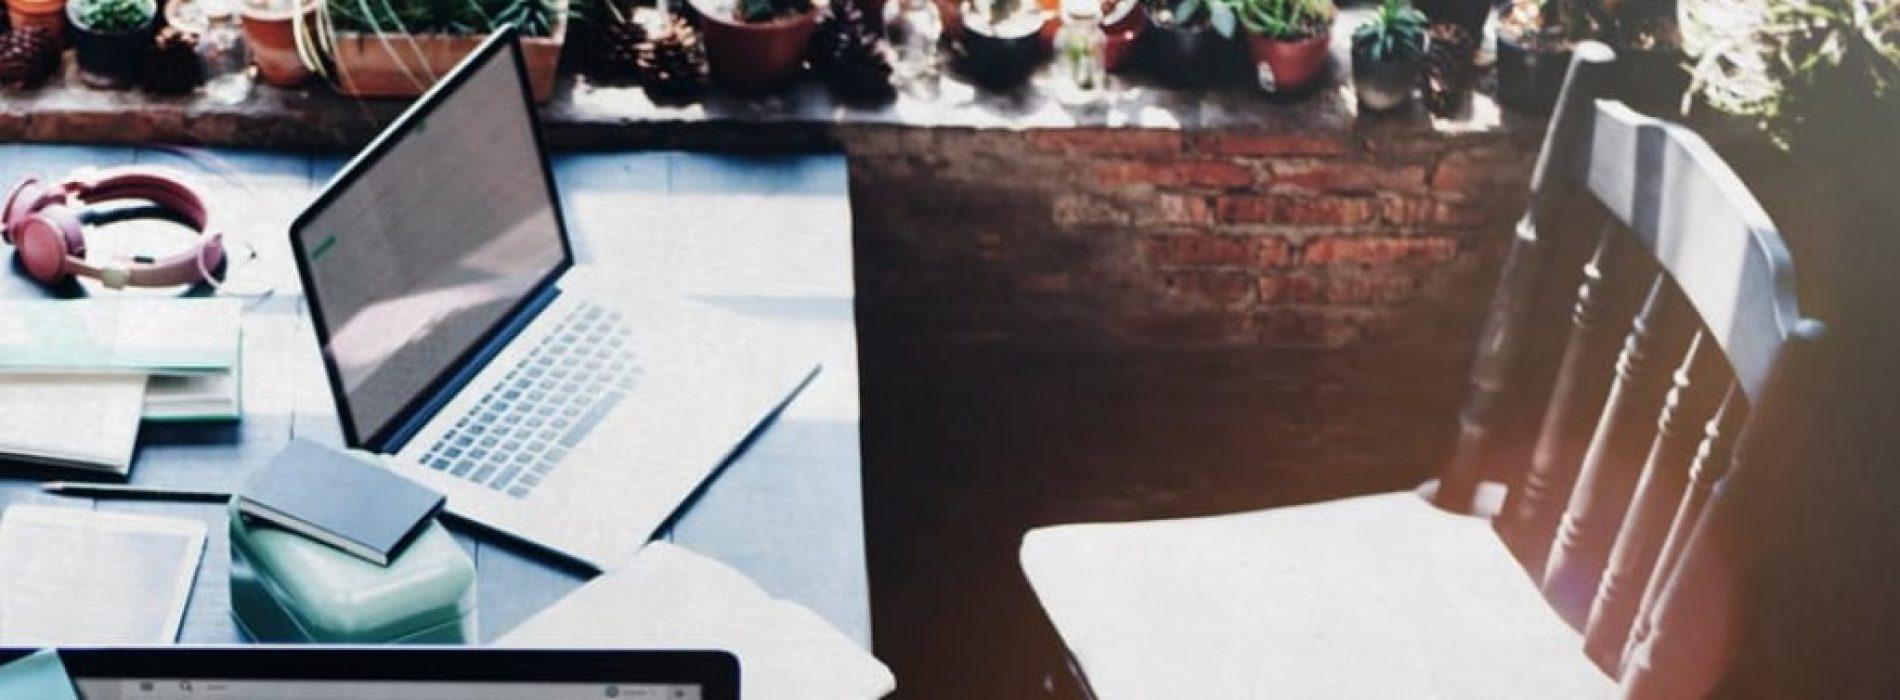 5 начина, чрез които ефективно да ръководите дистанционните си служители